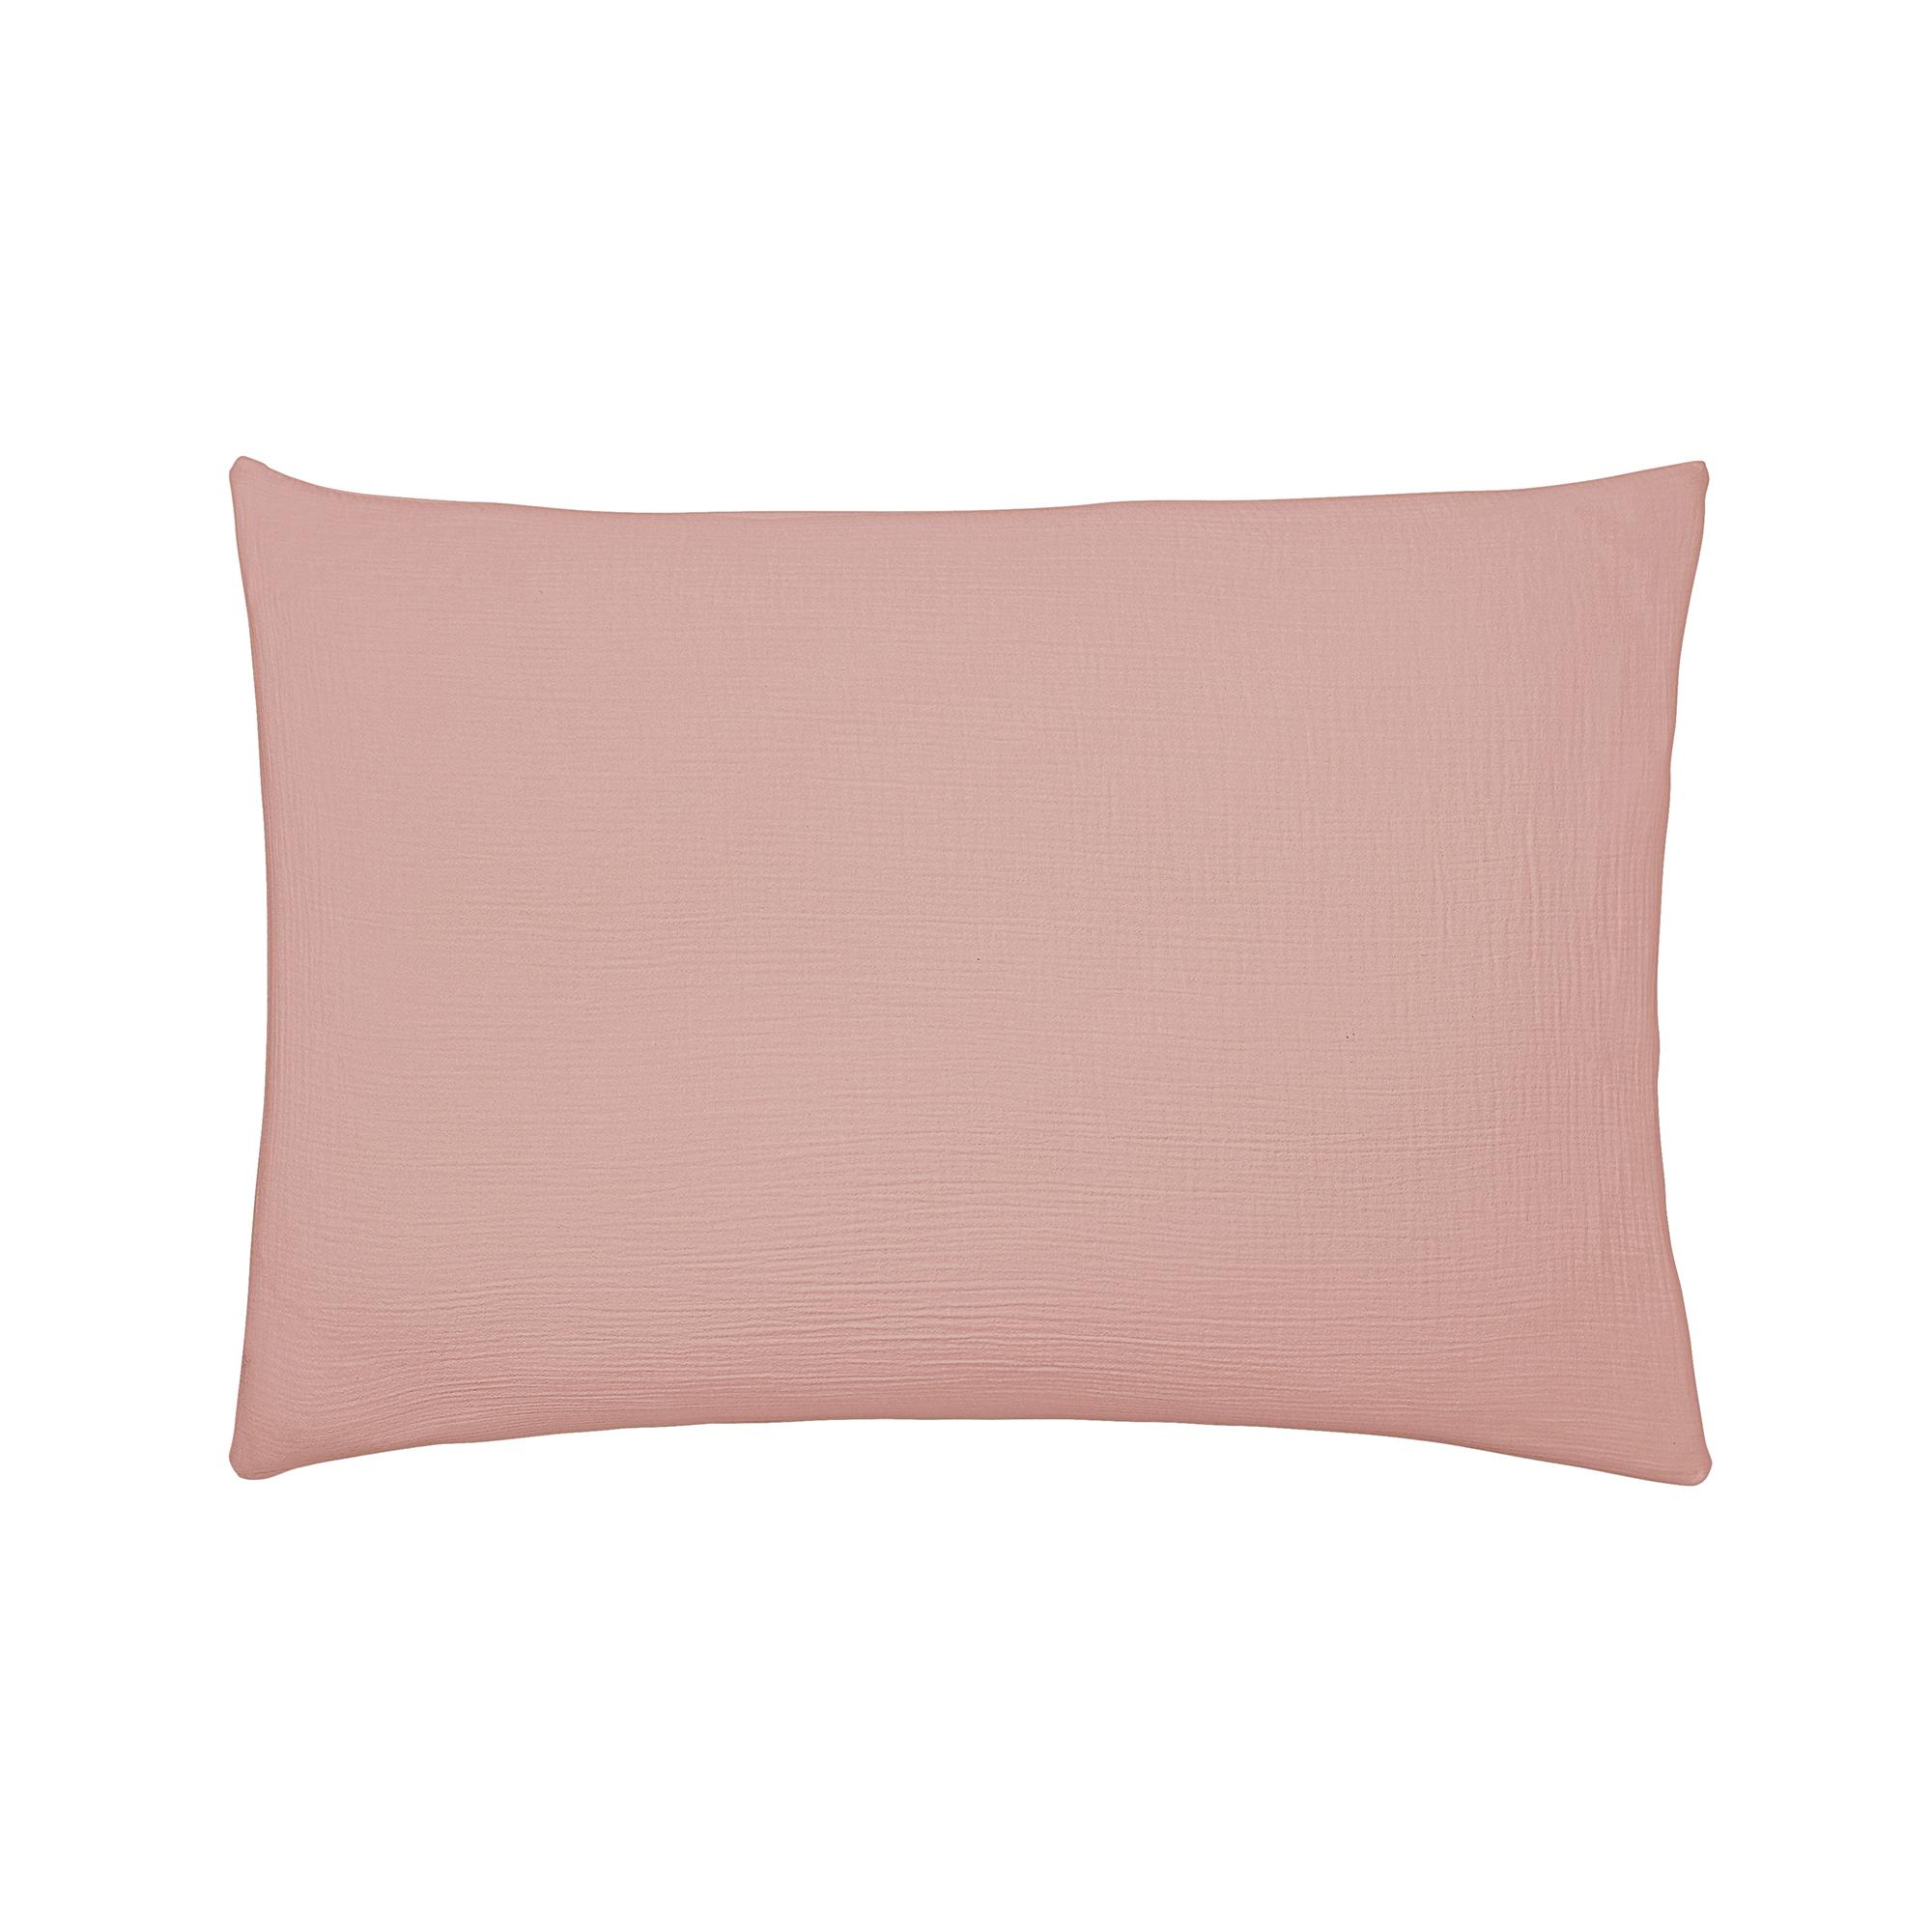 Taie d'oreiller unie en coton rose 50x75